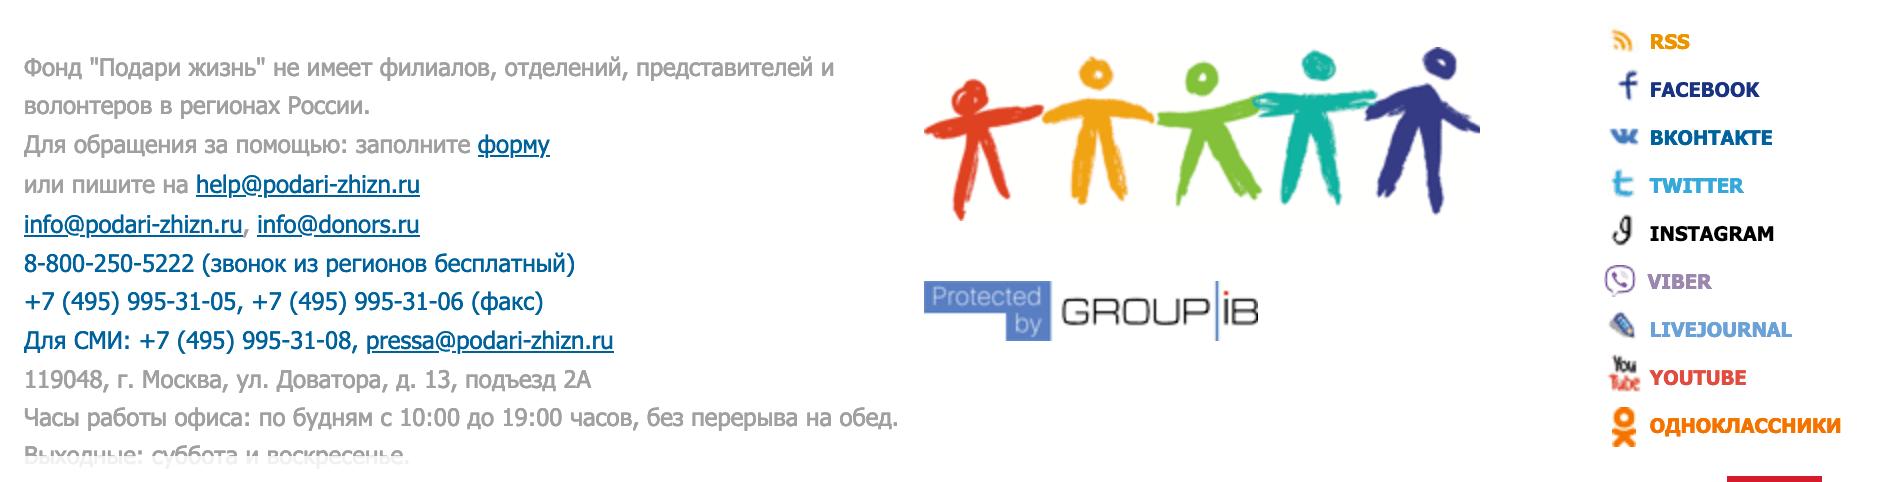 кнопки соцсетей на сайте благотворительного фонда